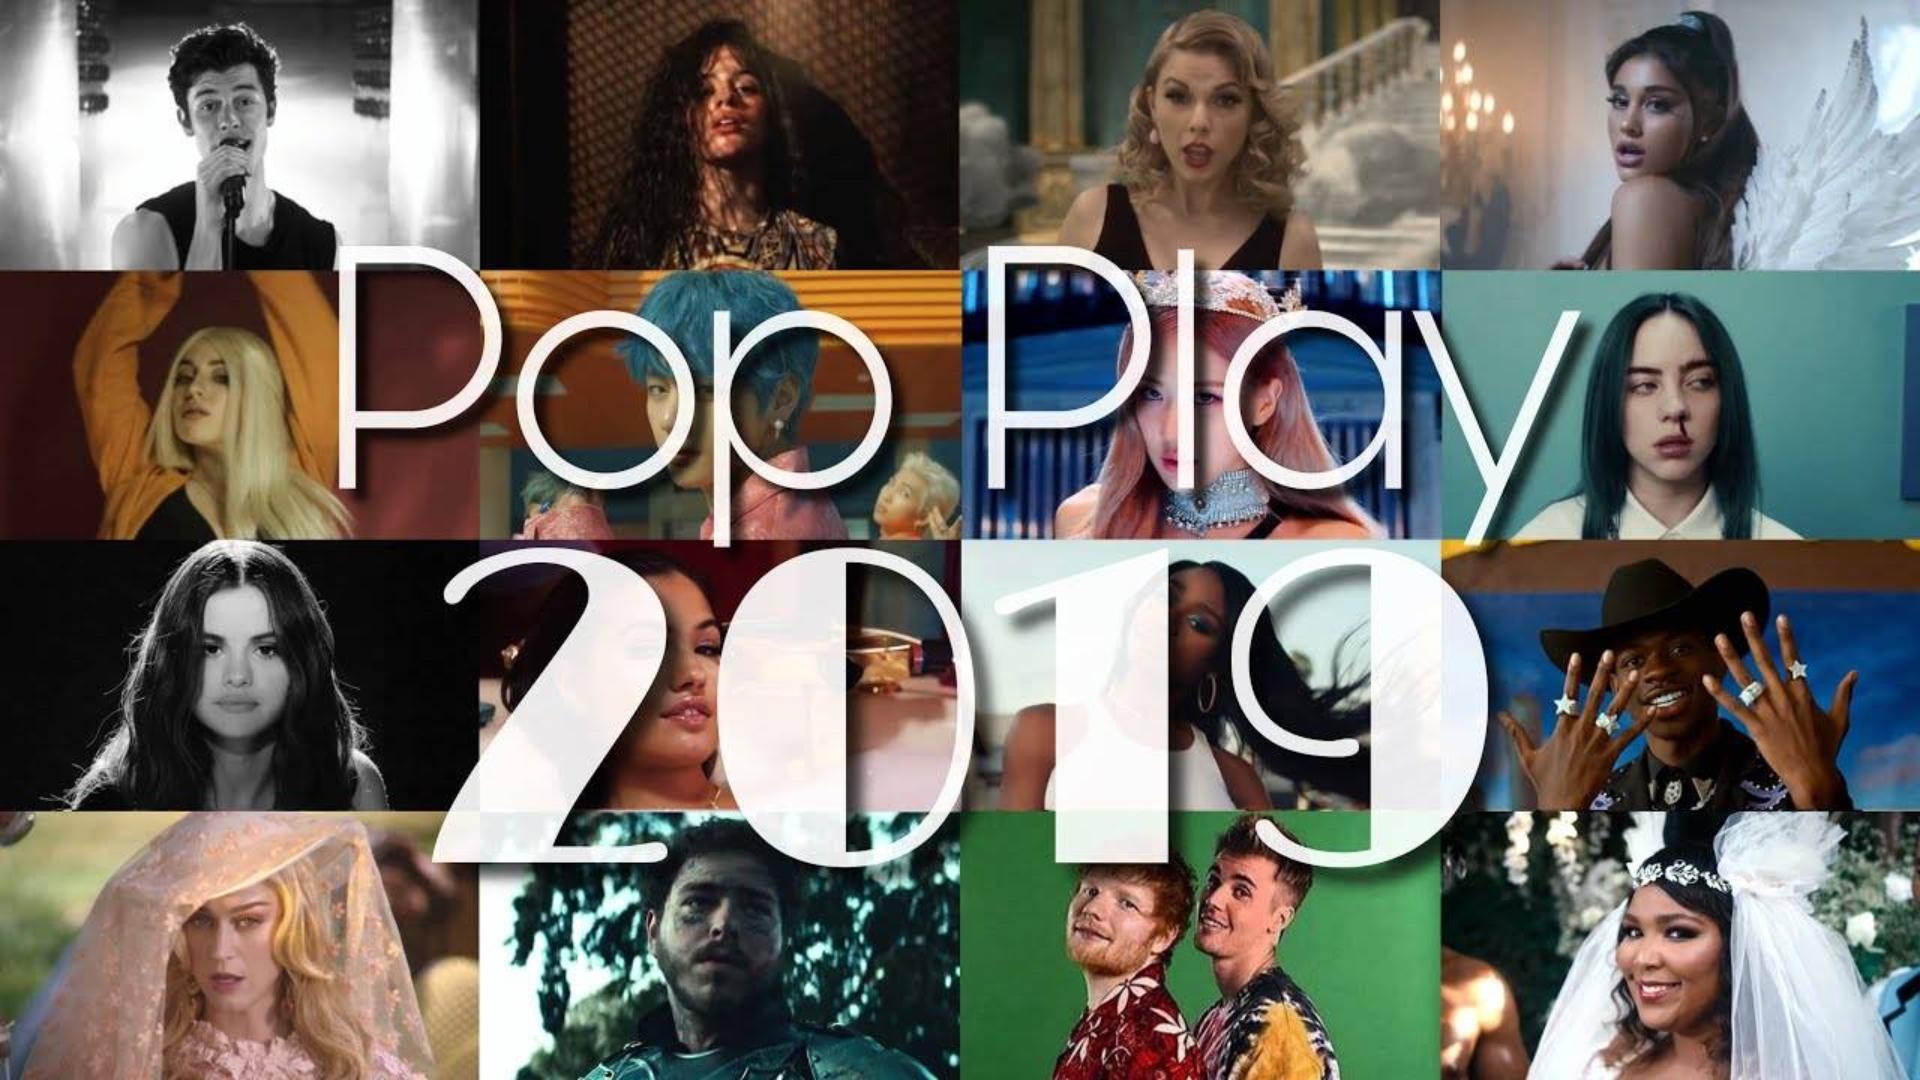 【油管精选】POP PLAY 2019·110+首欧美乐2019年终盘点混音-by:PaulG